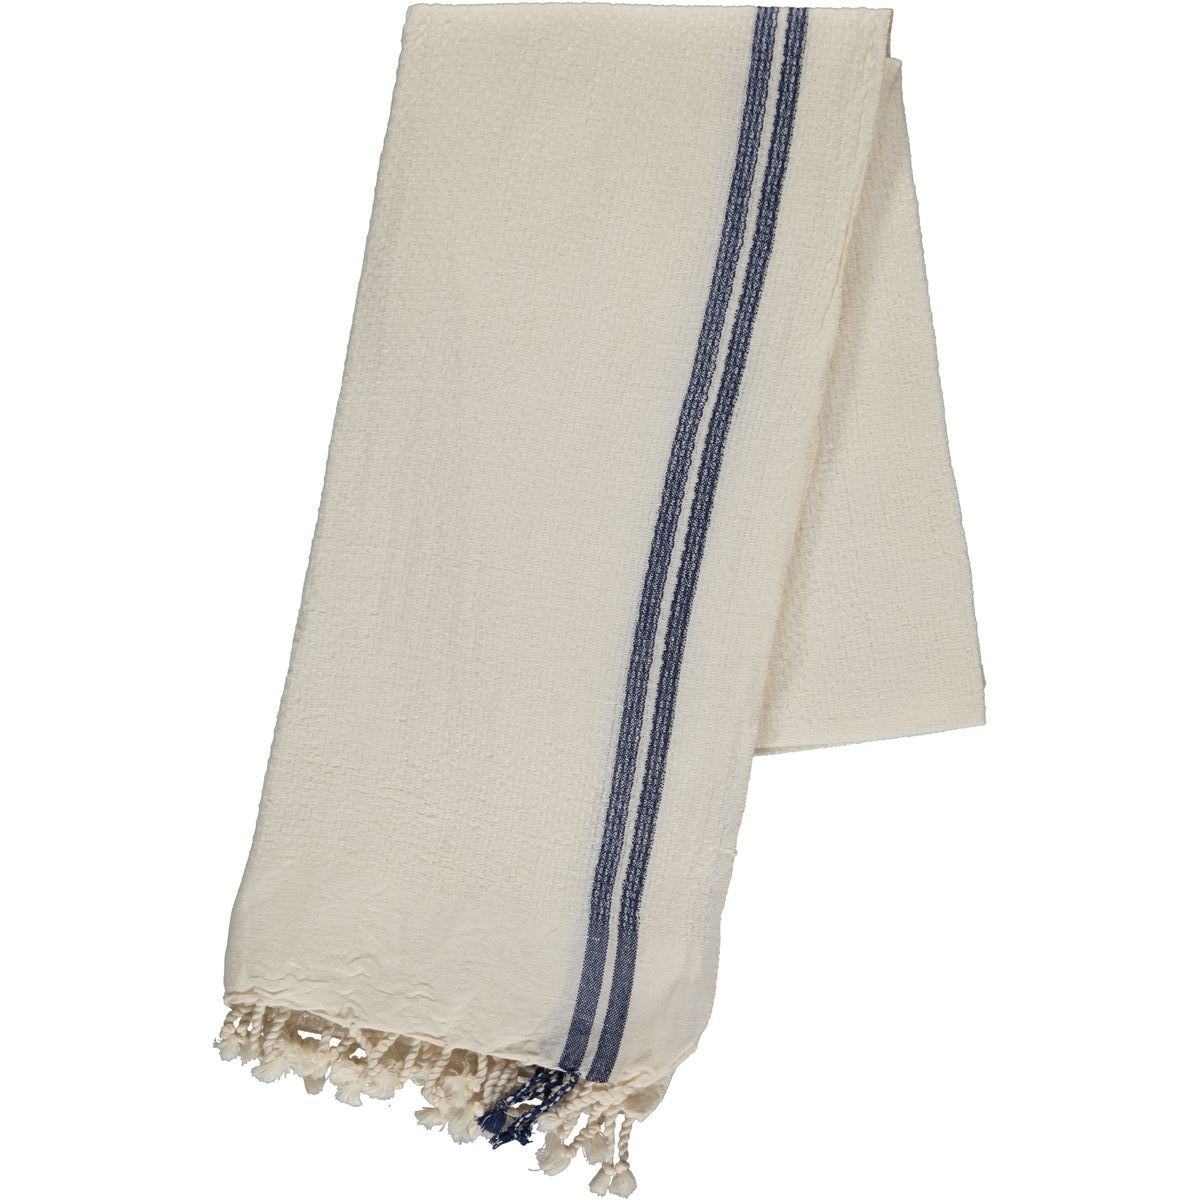 Peshtemal Petek / Ecru - Navy Stripes